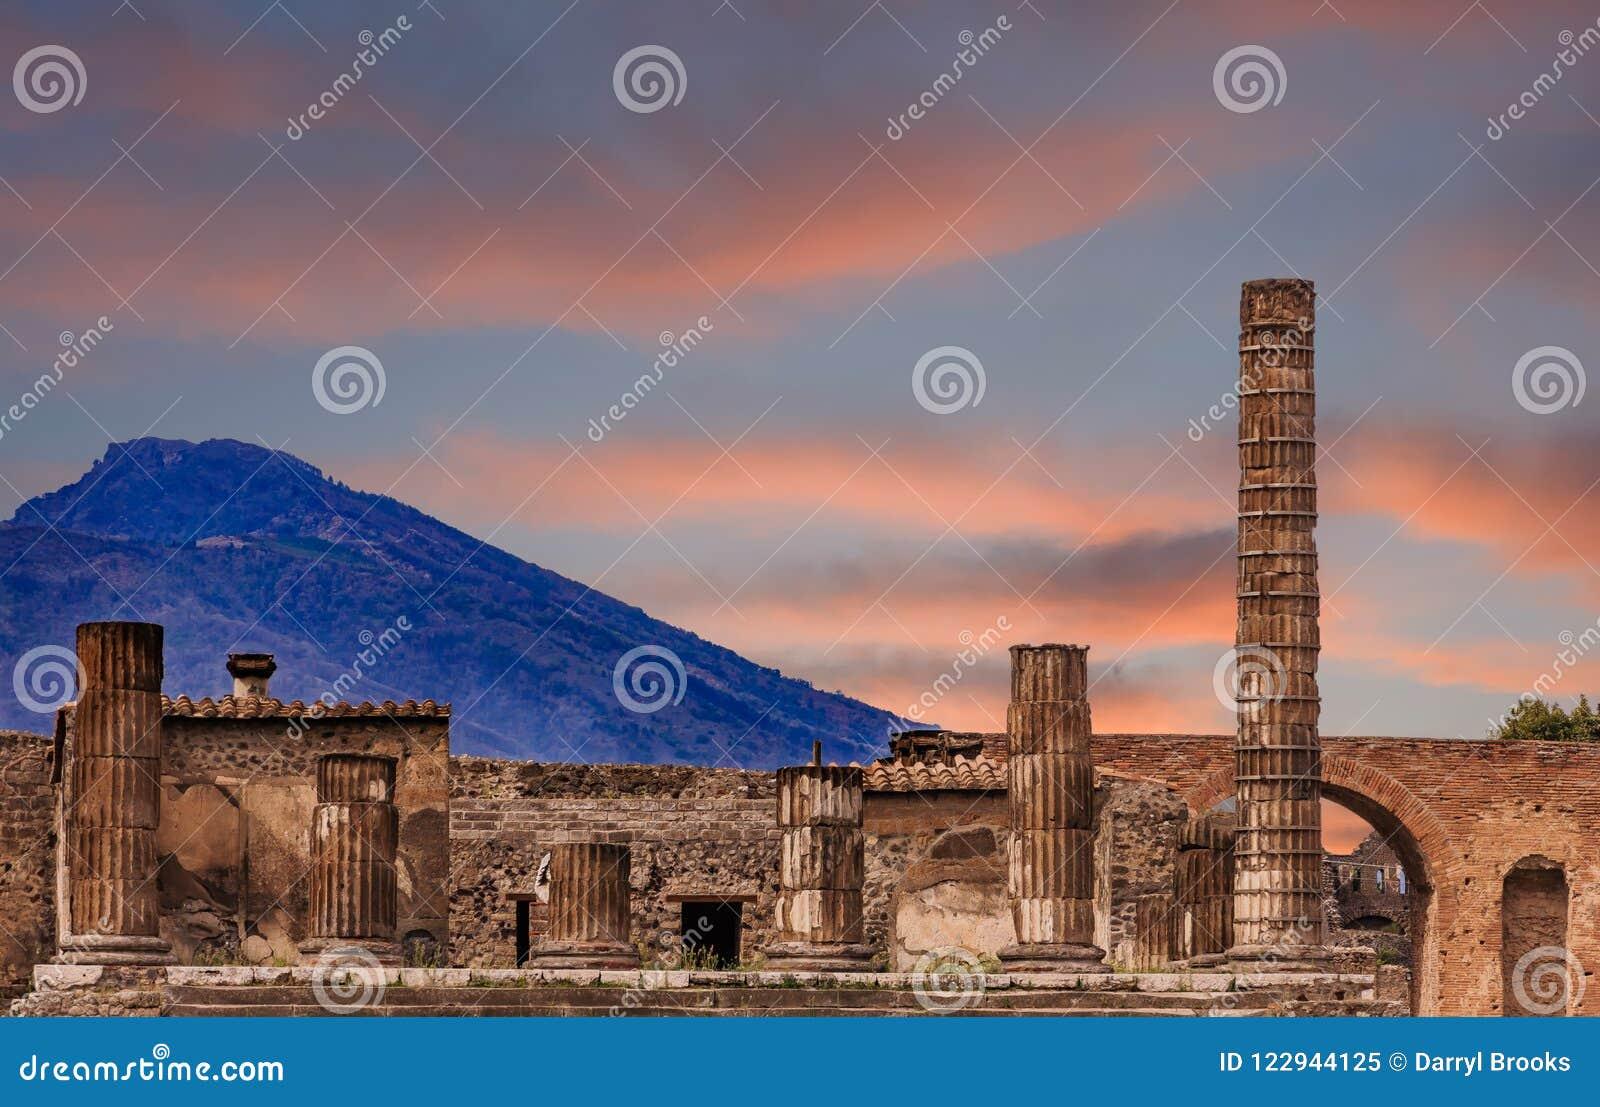 Pompeii et Vésuve au crépuscule